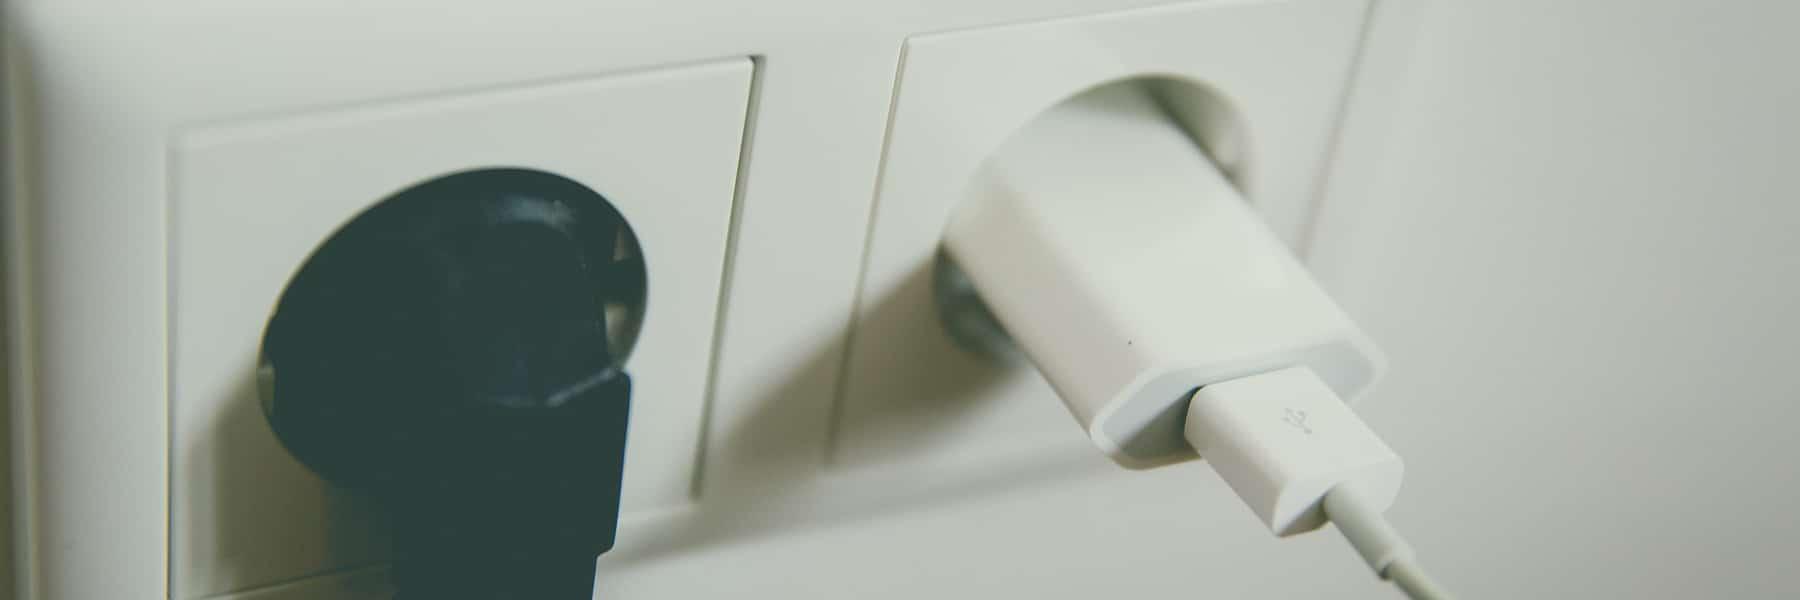 Fibaro Single Switch: Unterputzmodul jetzt erhältlich